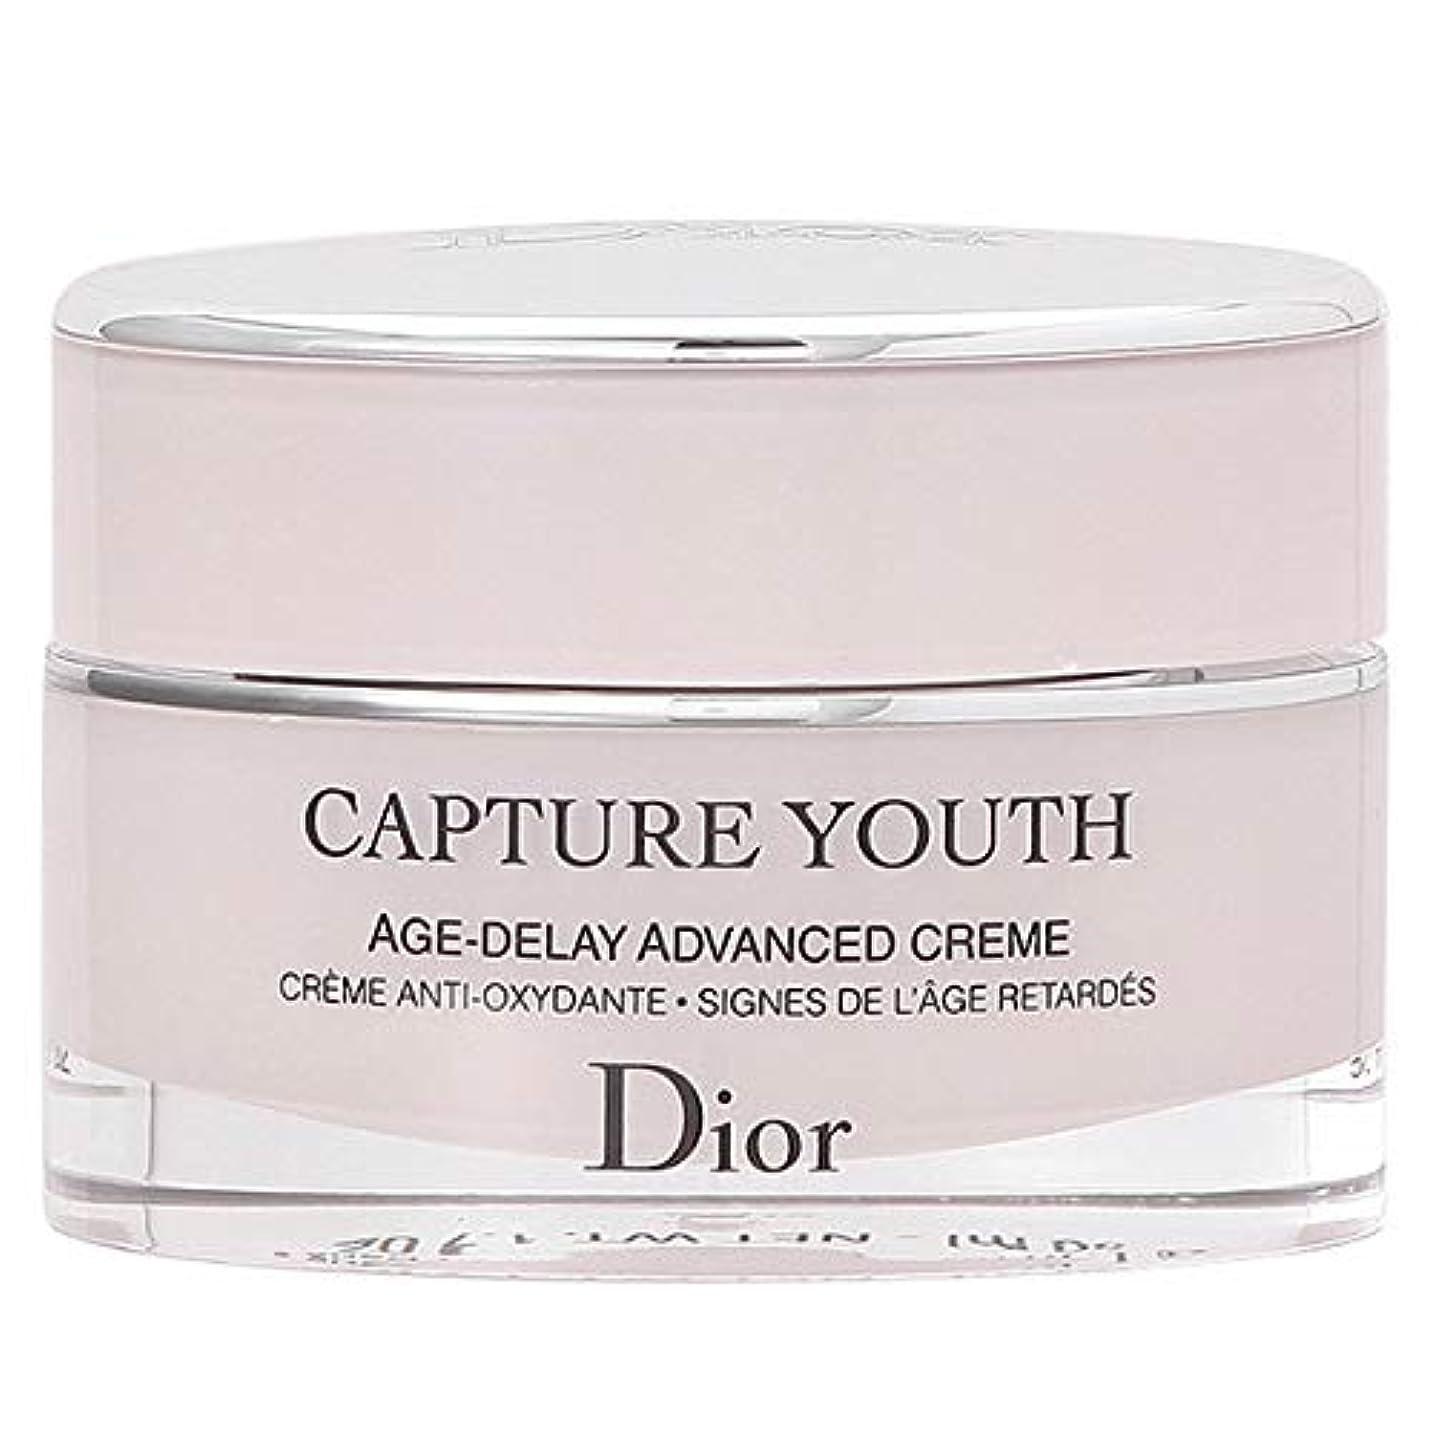 革命ハンカチ降伏クリスチャンディオール Christian Dior カプチュール ユース 50mL [並行輸入品]